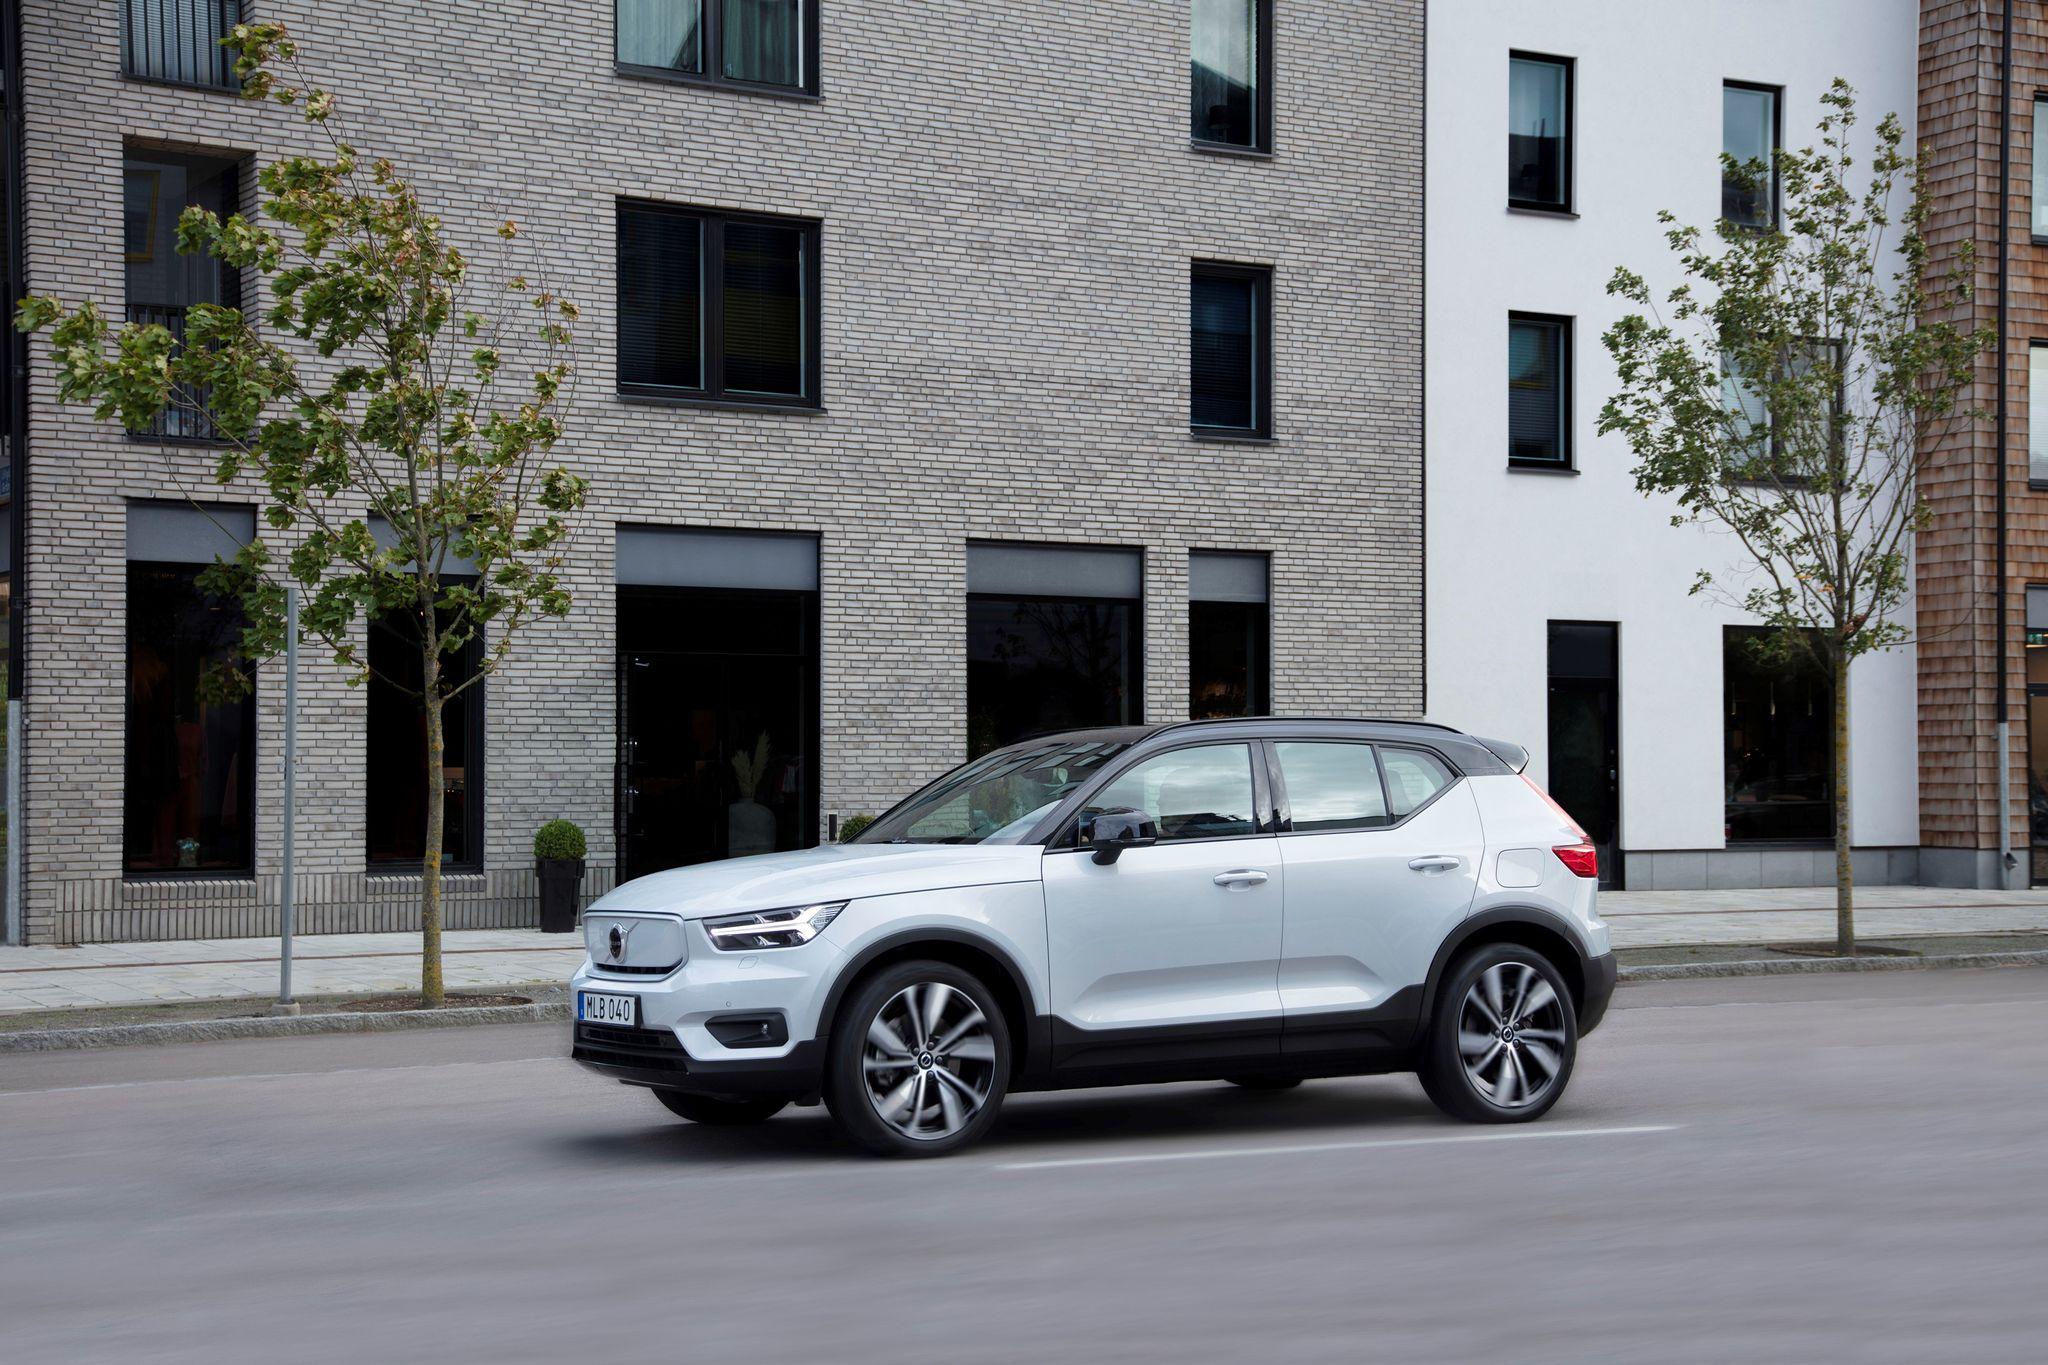 Elektromobilität: Diese E-Autos kommen 2021 auf den Markt - Volvo XC40 (Bild: Volvo)